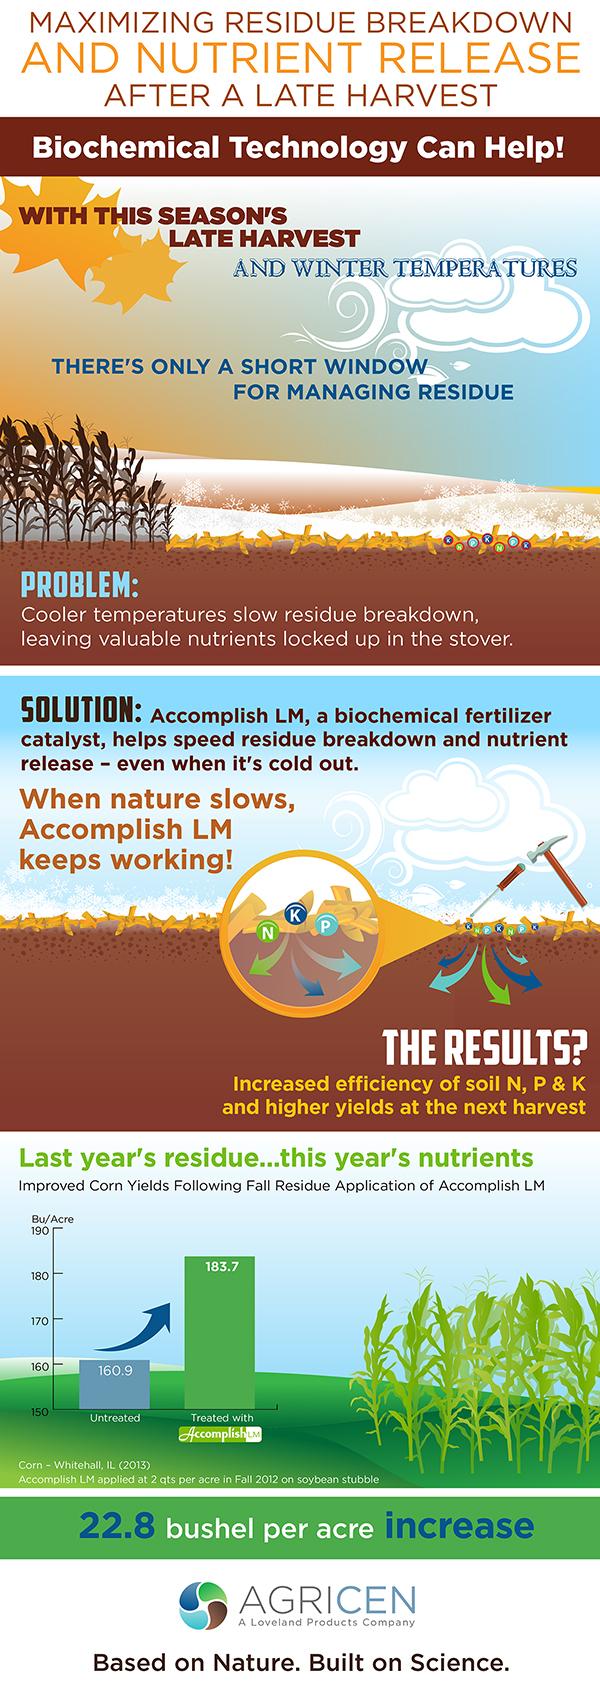 11-13 AGRICEN residue FERT INFOGRAPHIC V6